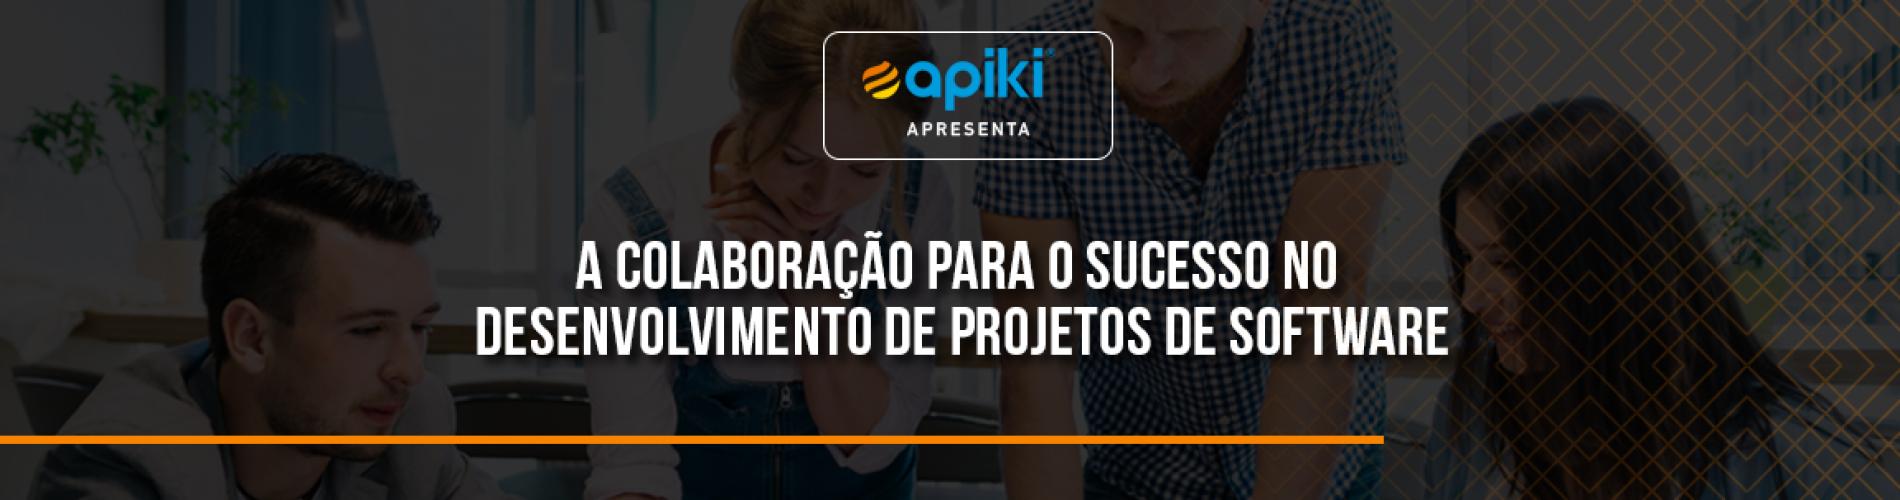 a-colaboracao-para-o-sucesso-no-desenvolvimento-de-projetos-de-software